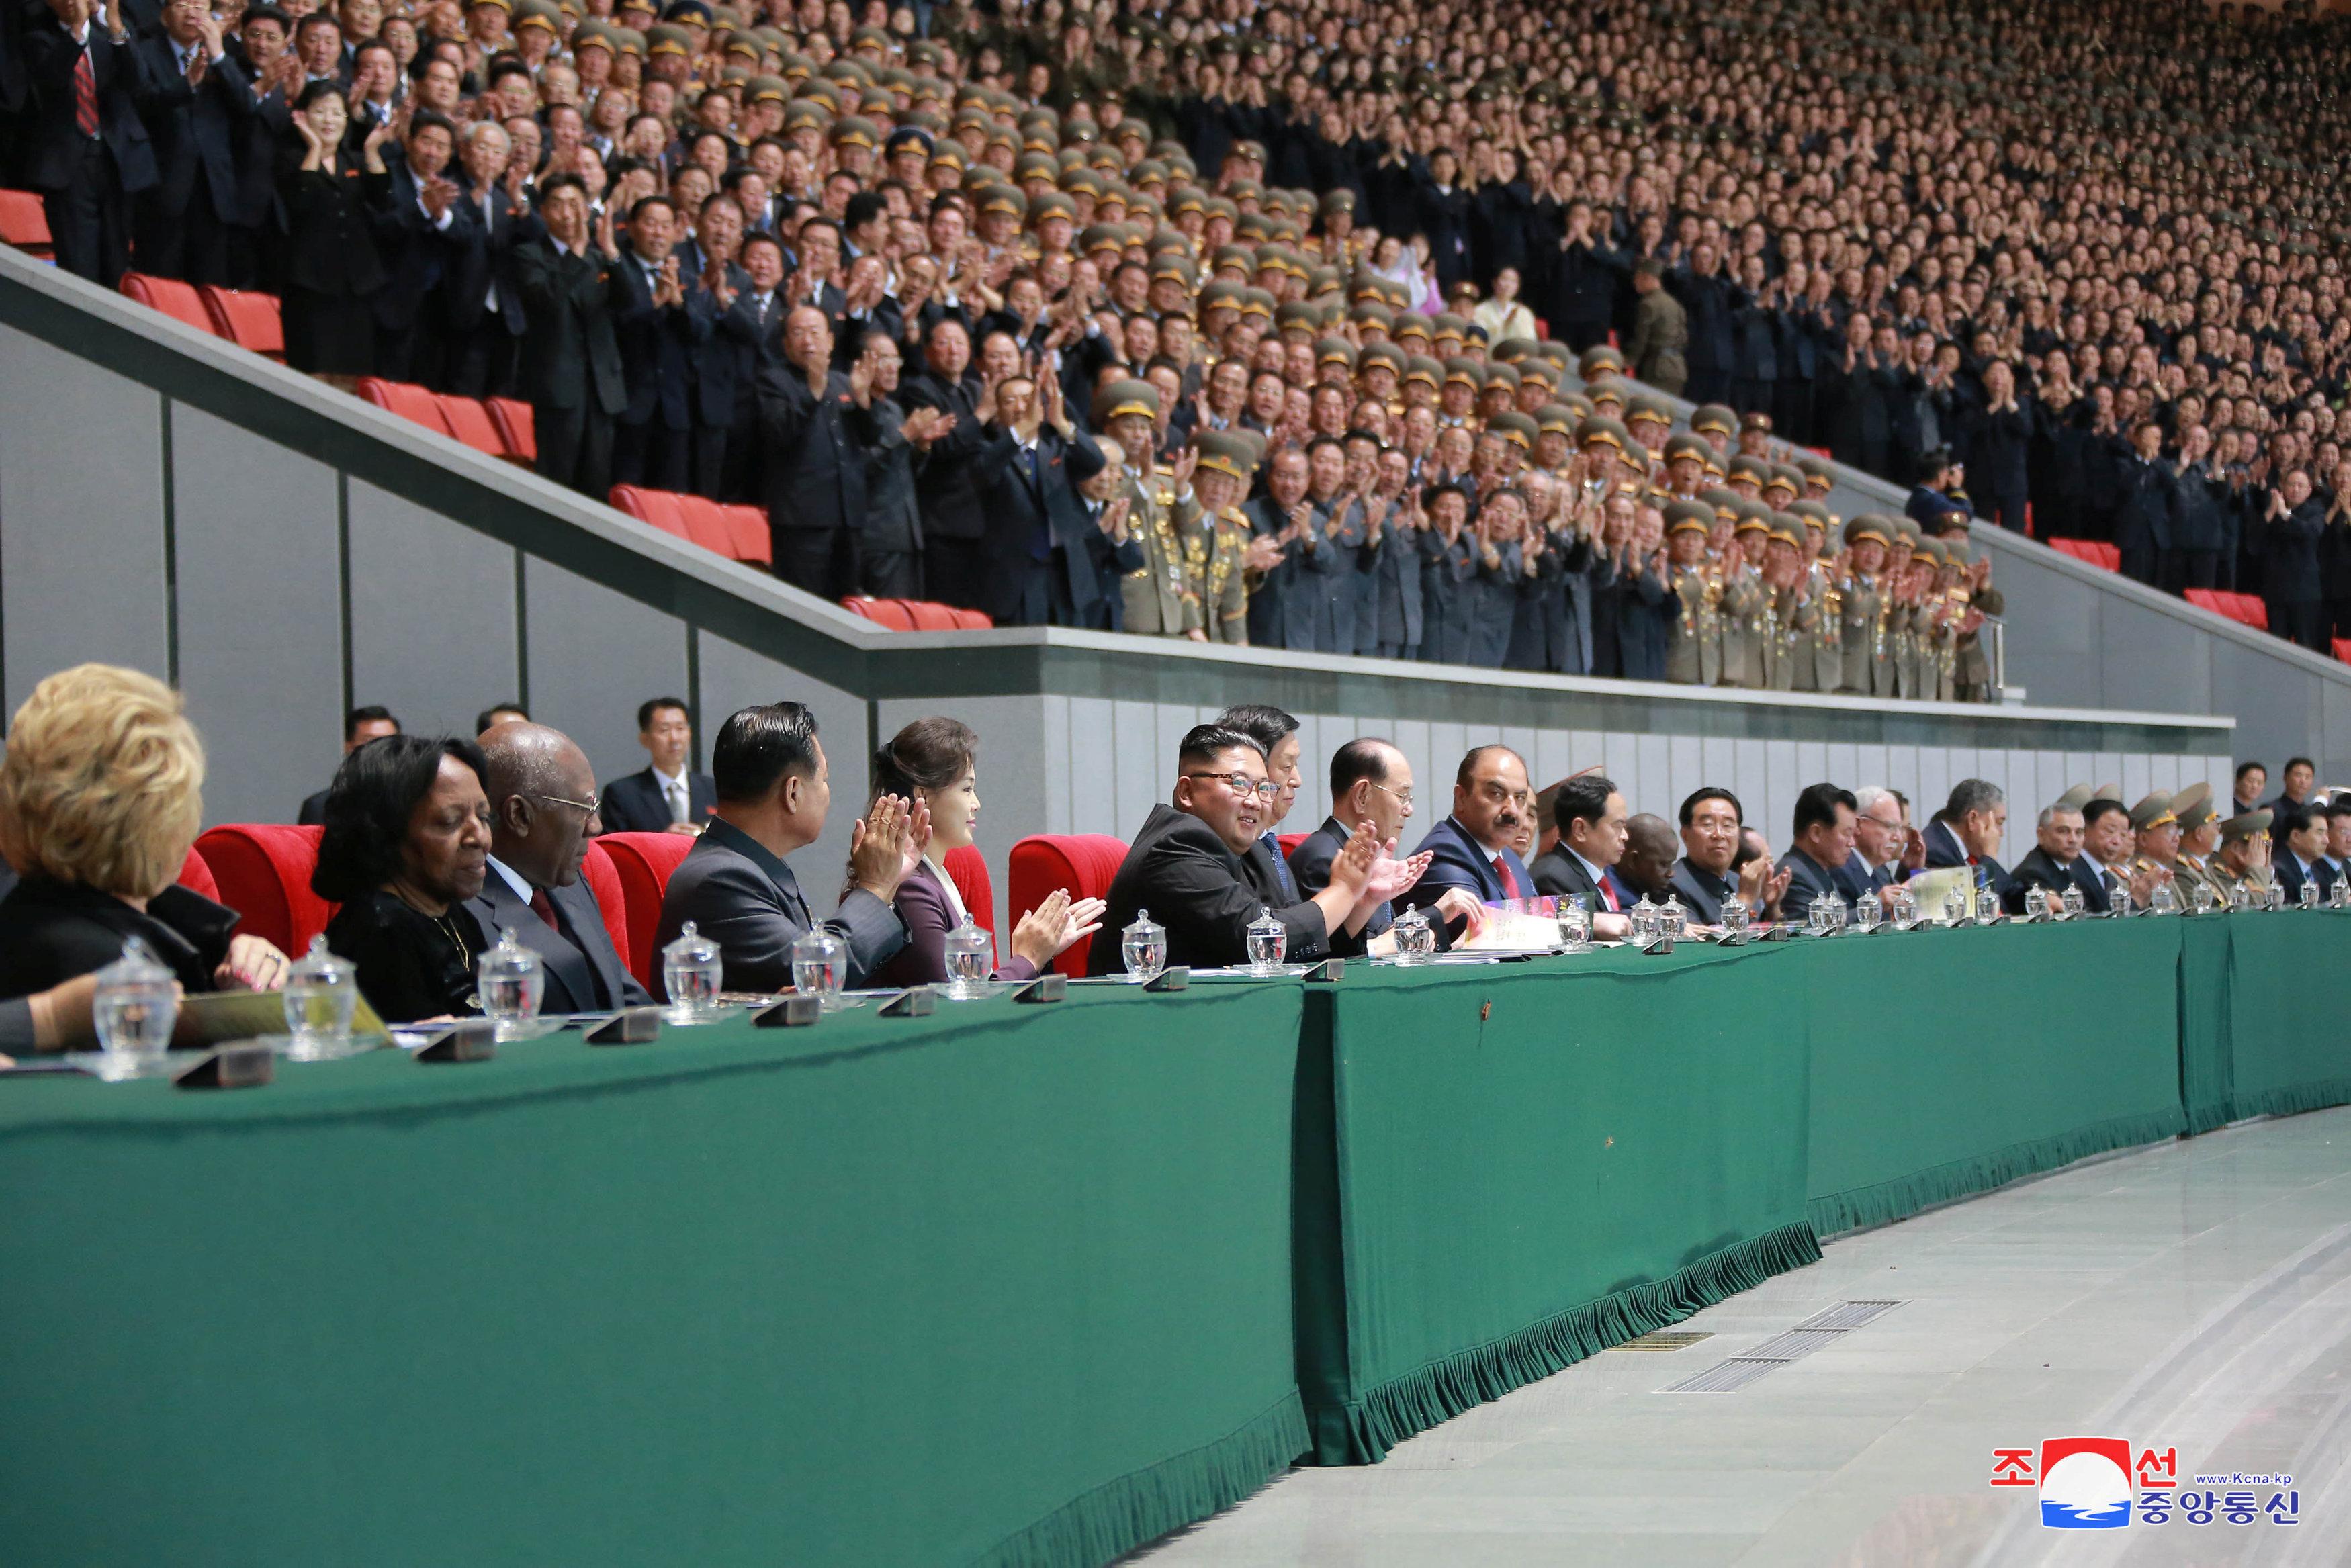 احتفال مجلس الدولة الكورى الشمالى